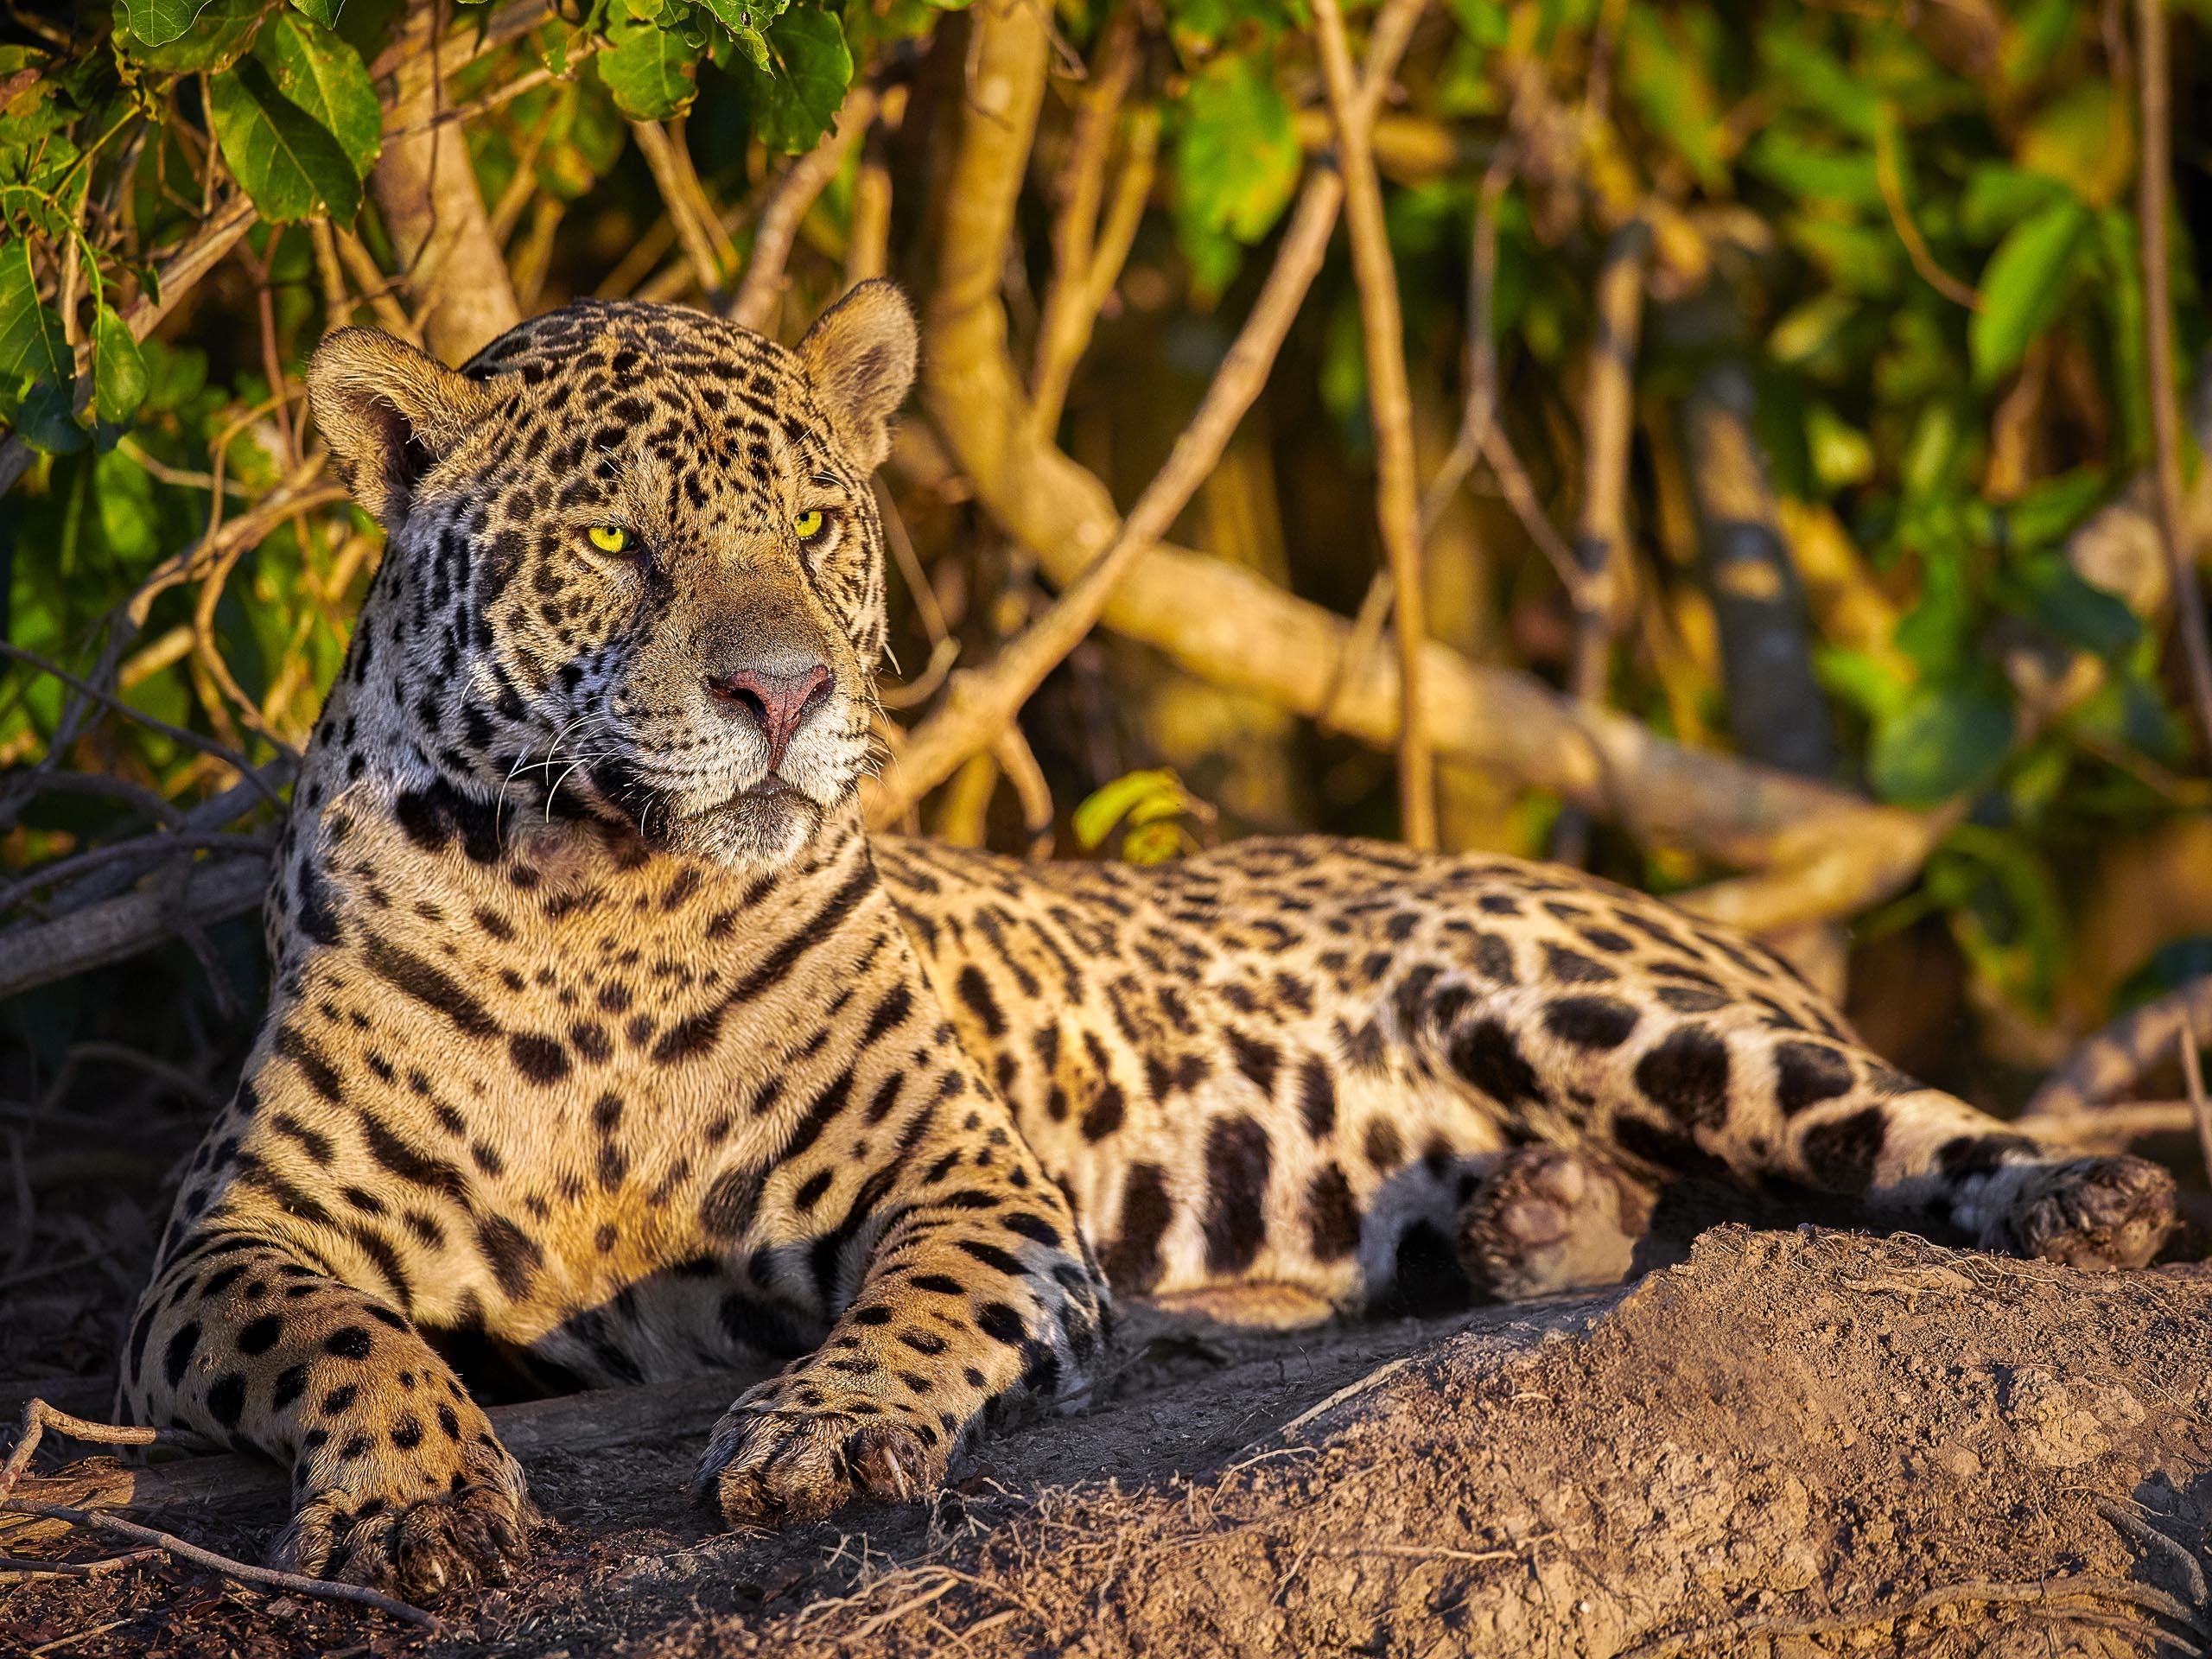 Jaguar resting on a riverbank, Pantanal, Brazil.